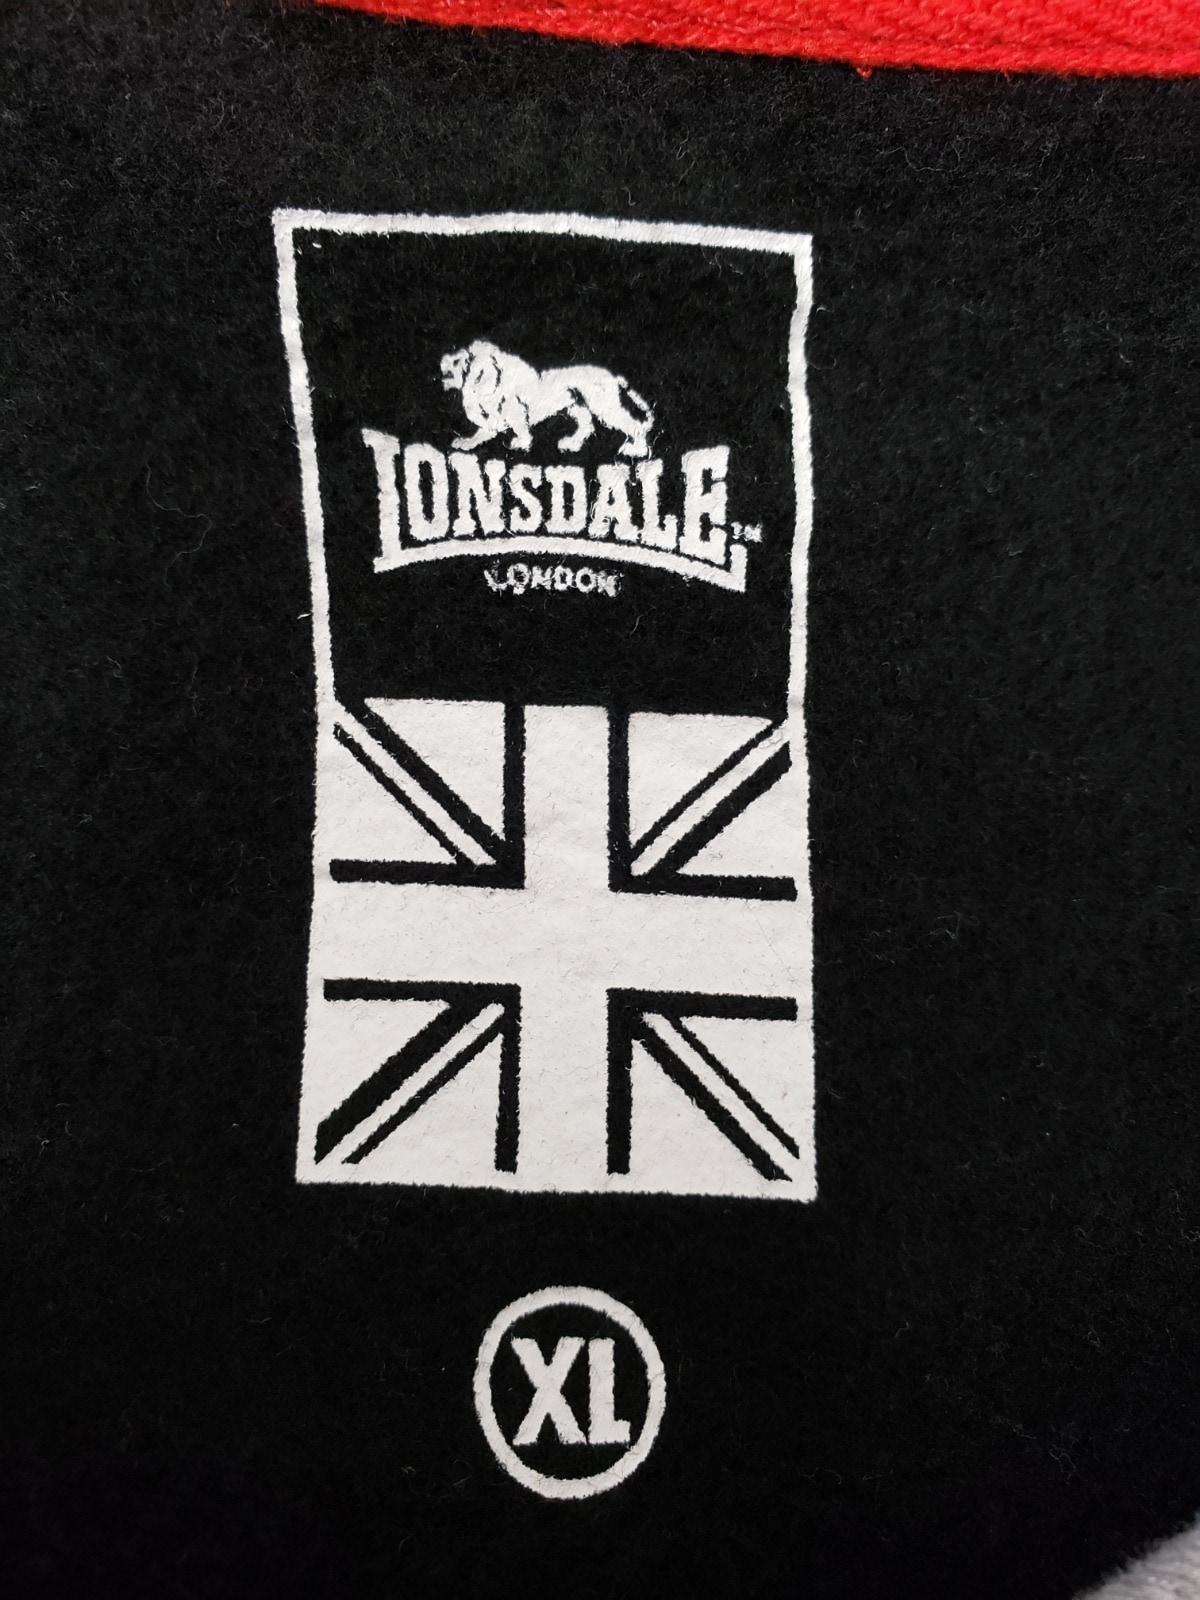 LONSDALE(ロンズデール)のパーカー